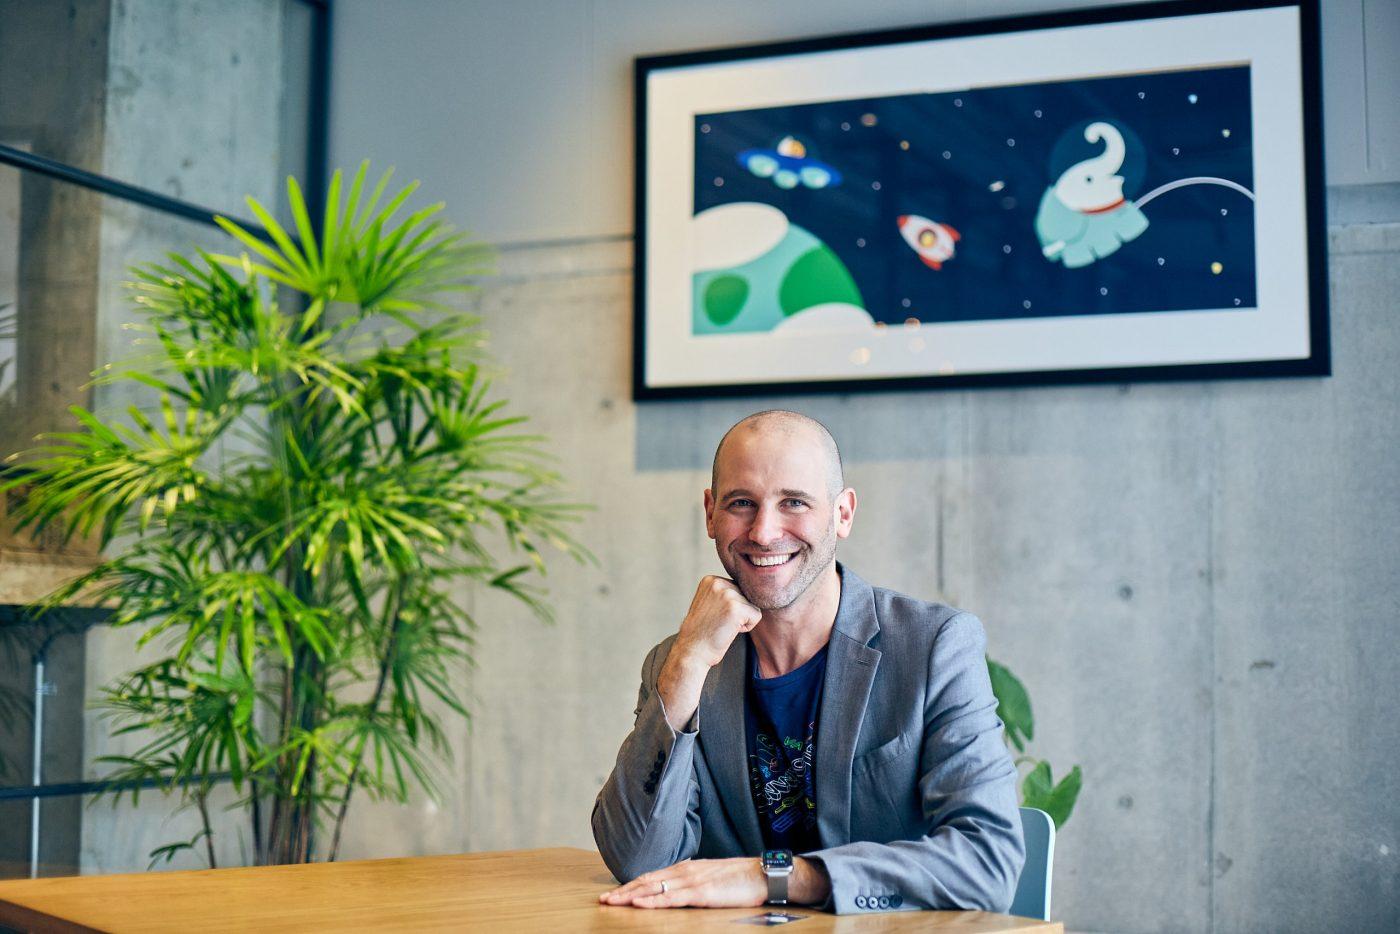 「外国人起業家は信用されない…」200万を超えるユーザー、40社以上との連携を実現させたマネーツリーCEOの軌跡